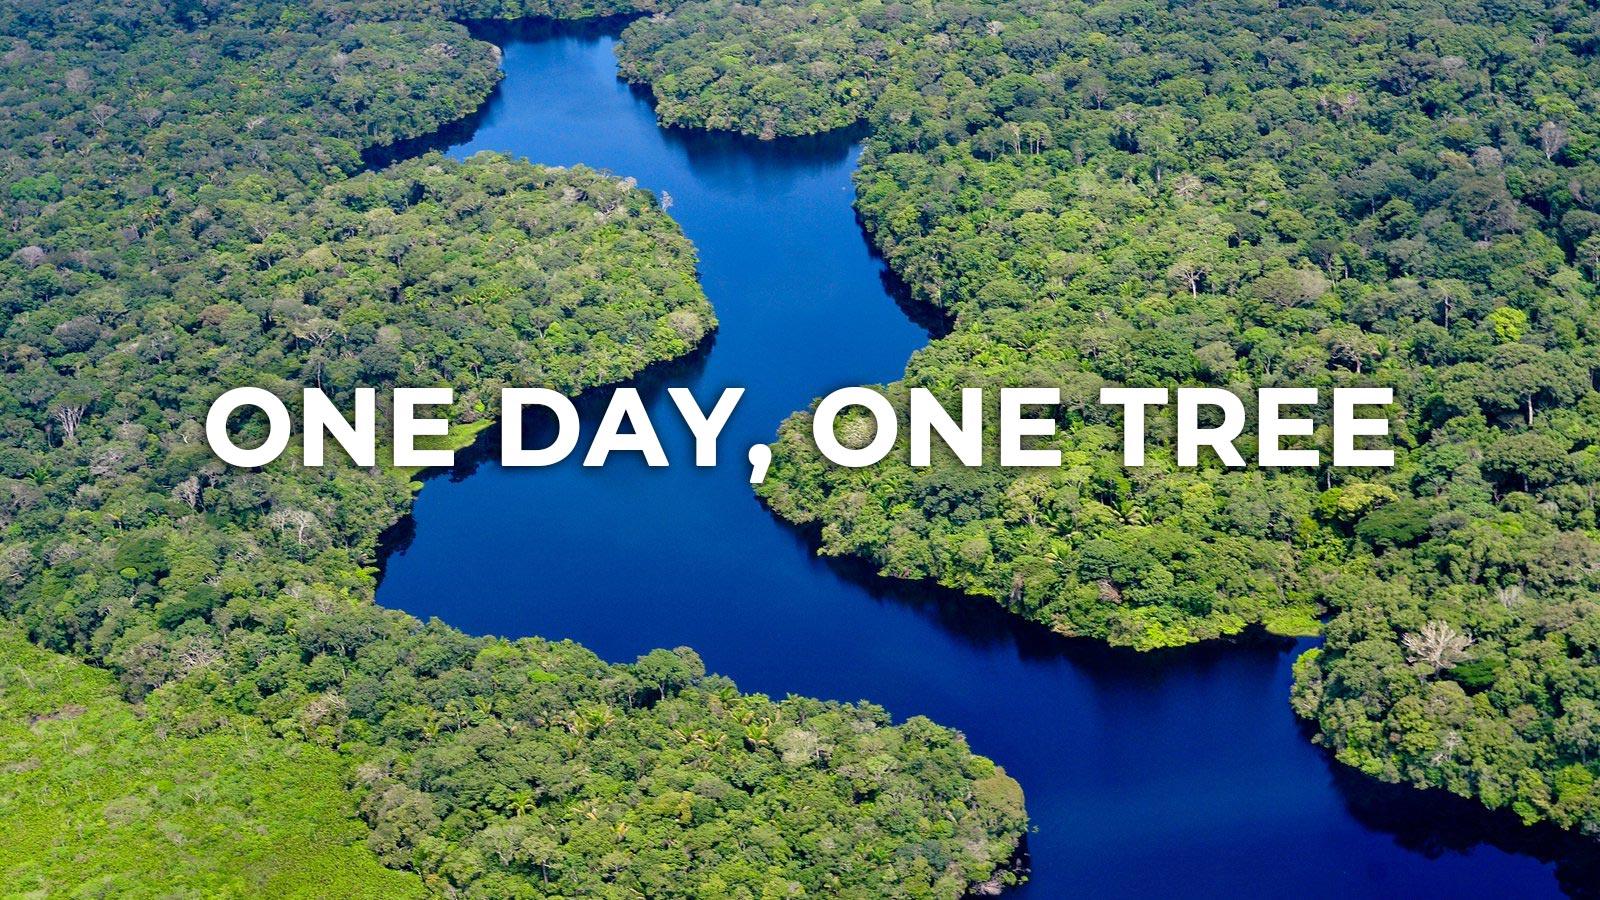 One Day, One Tree | Innokin